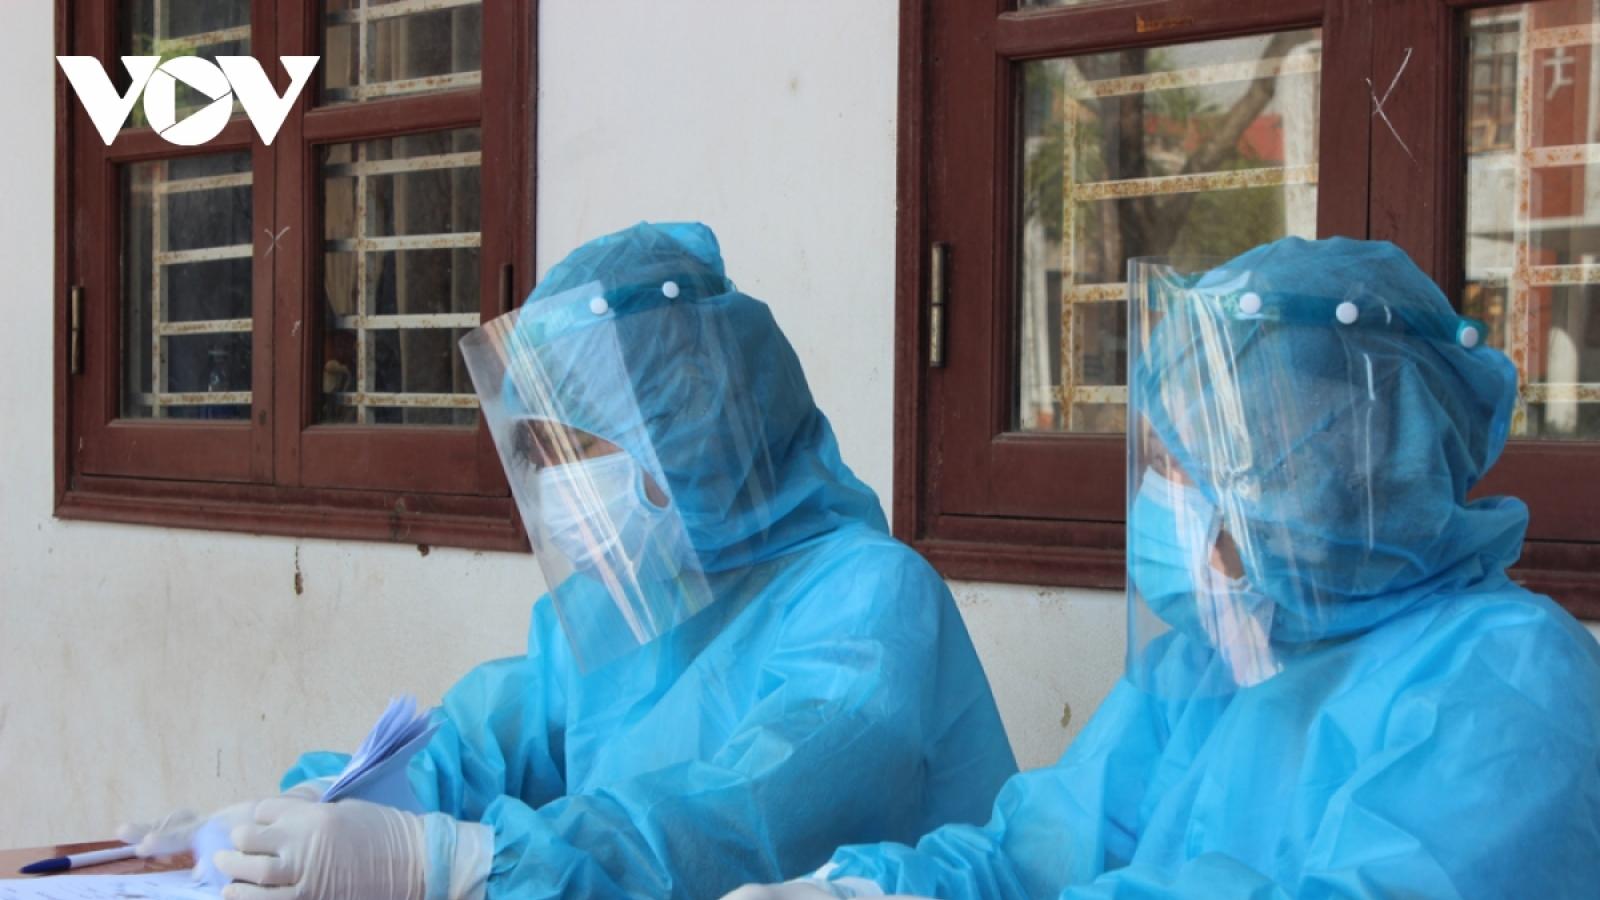 Hà Nội cử 20 chuyên gia y tế hỗ trợ Bắc Giang khoanh vùng, dập dịch